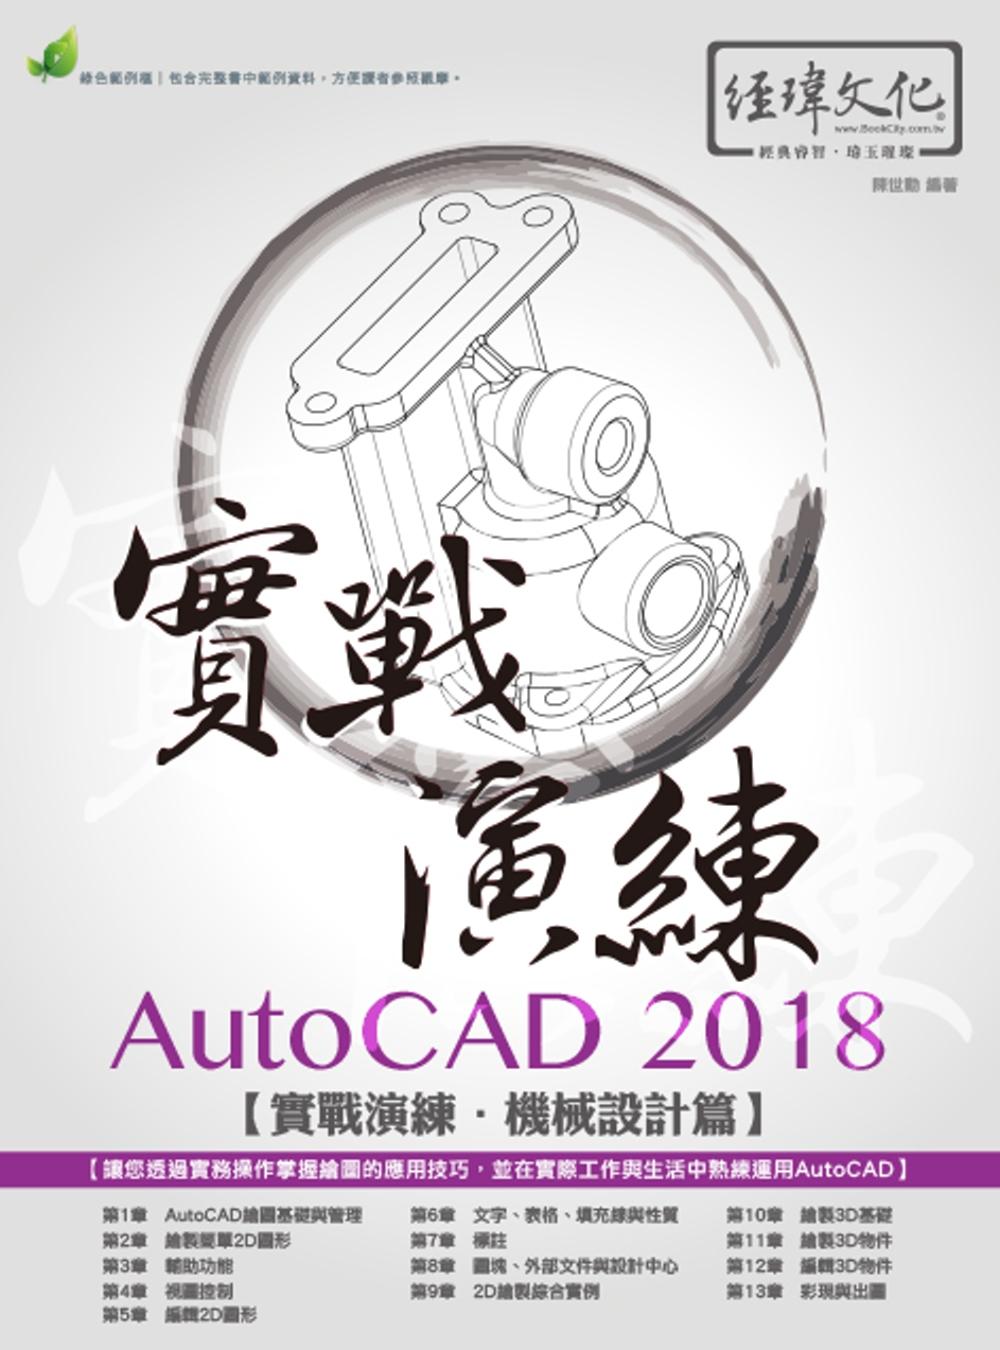 AutoCAD 2018 實戰演練:機械設計篇(附綠色範例檔)